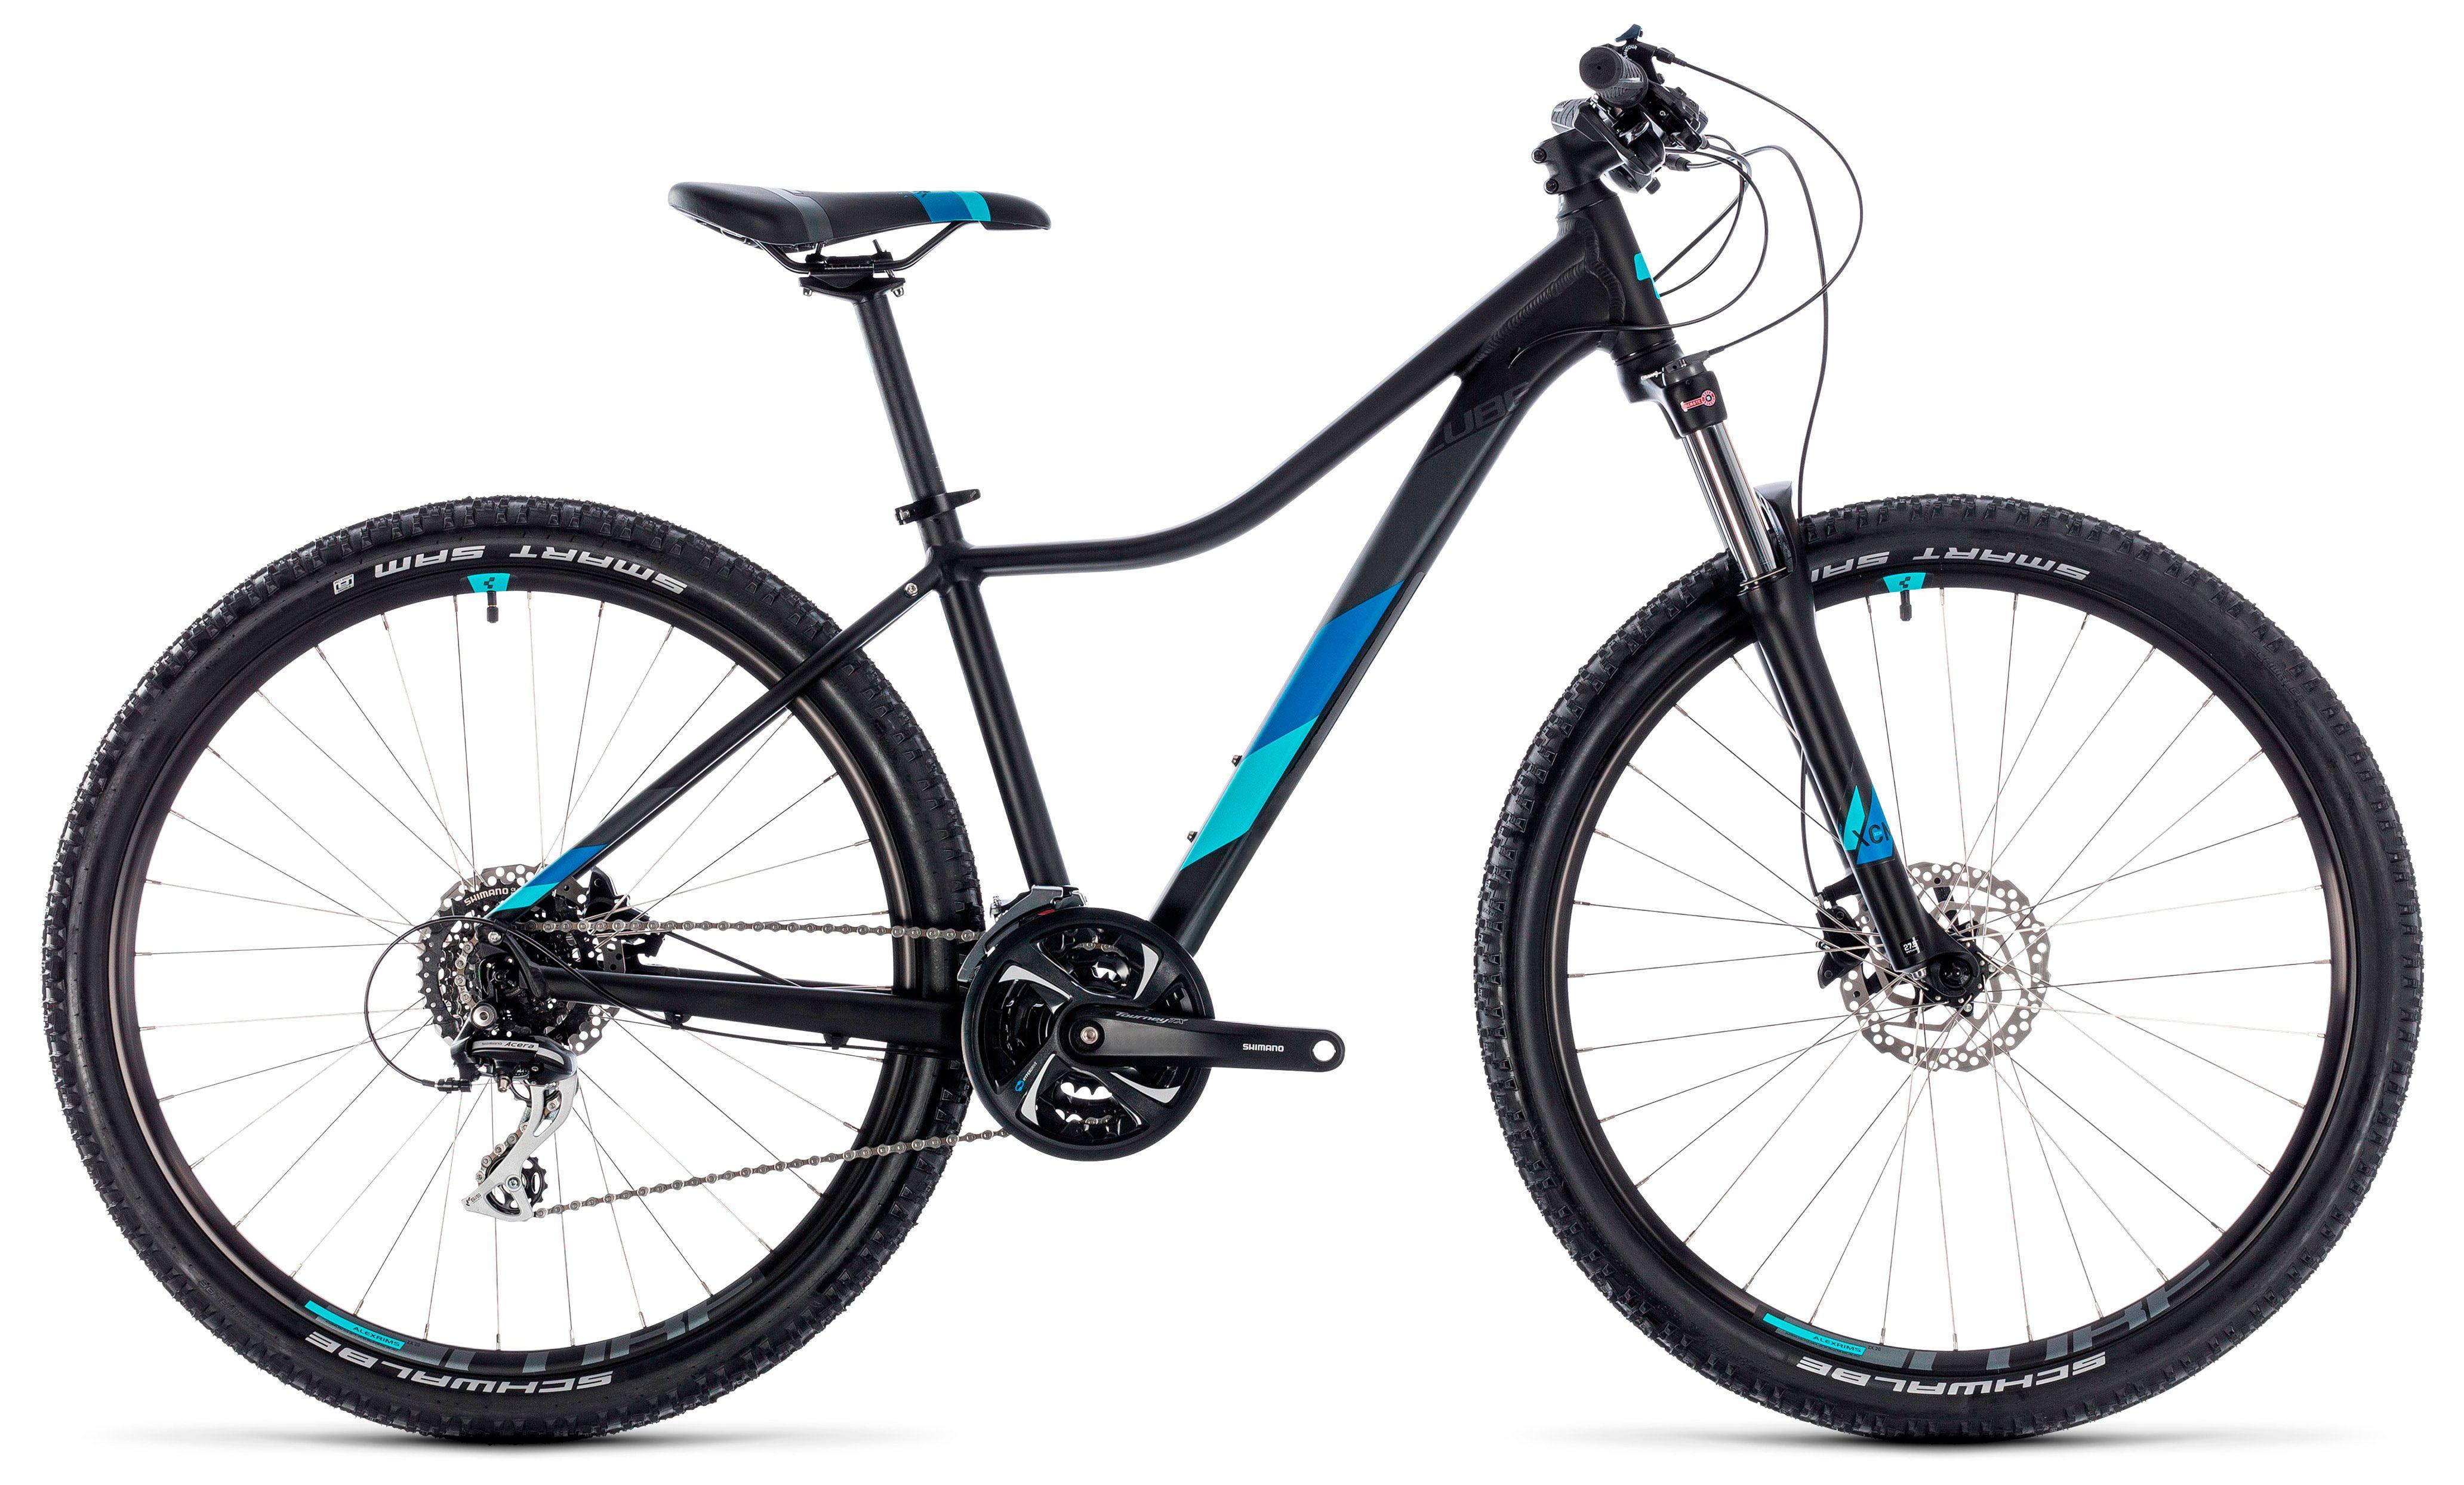 Велосипед Cube Access WS Exc 27,5 2018 велосипед cube agree c 62 slt disc 2016